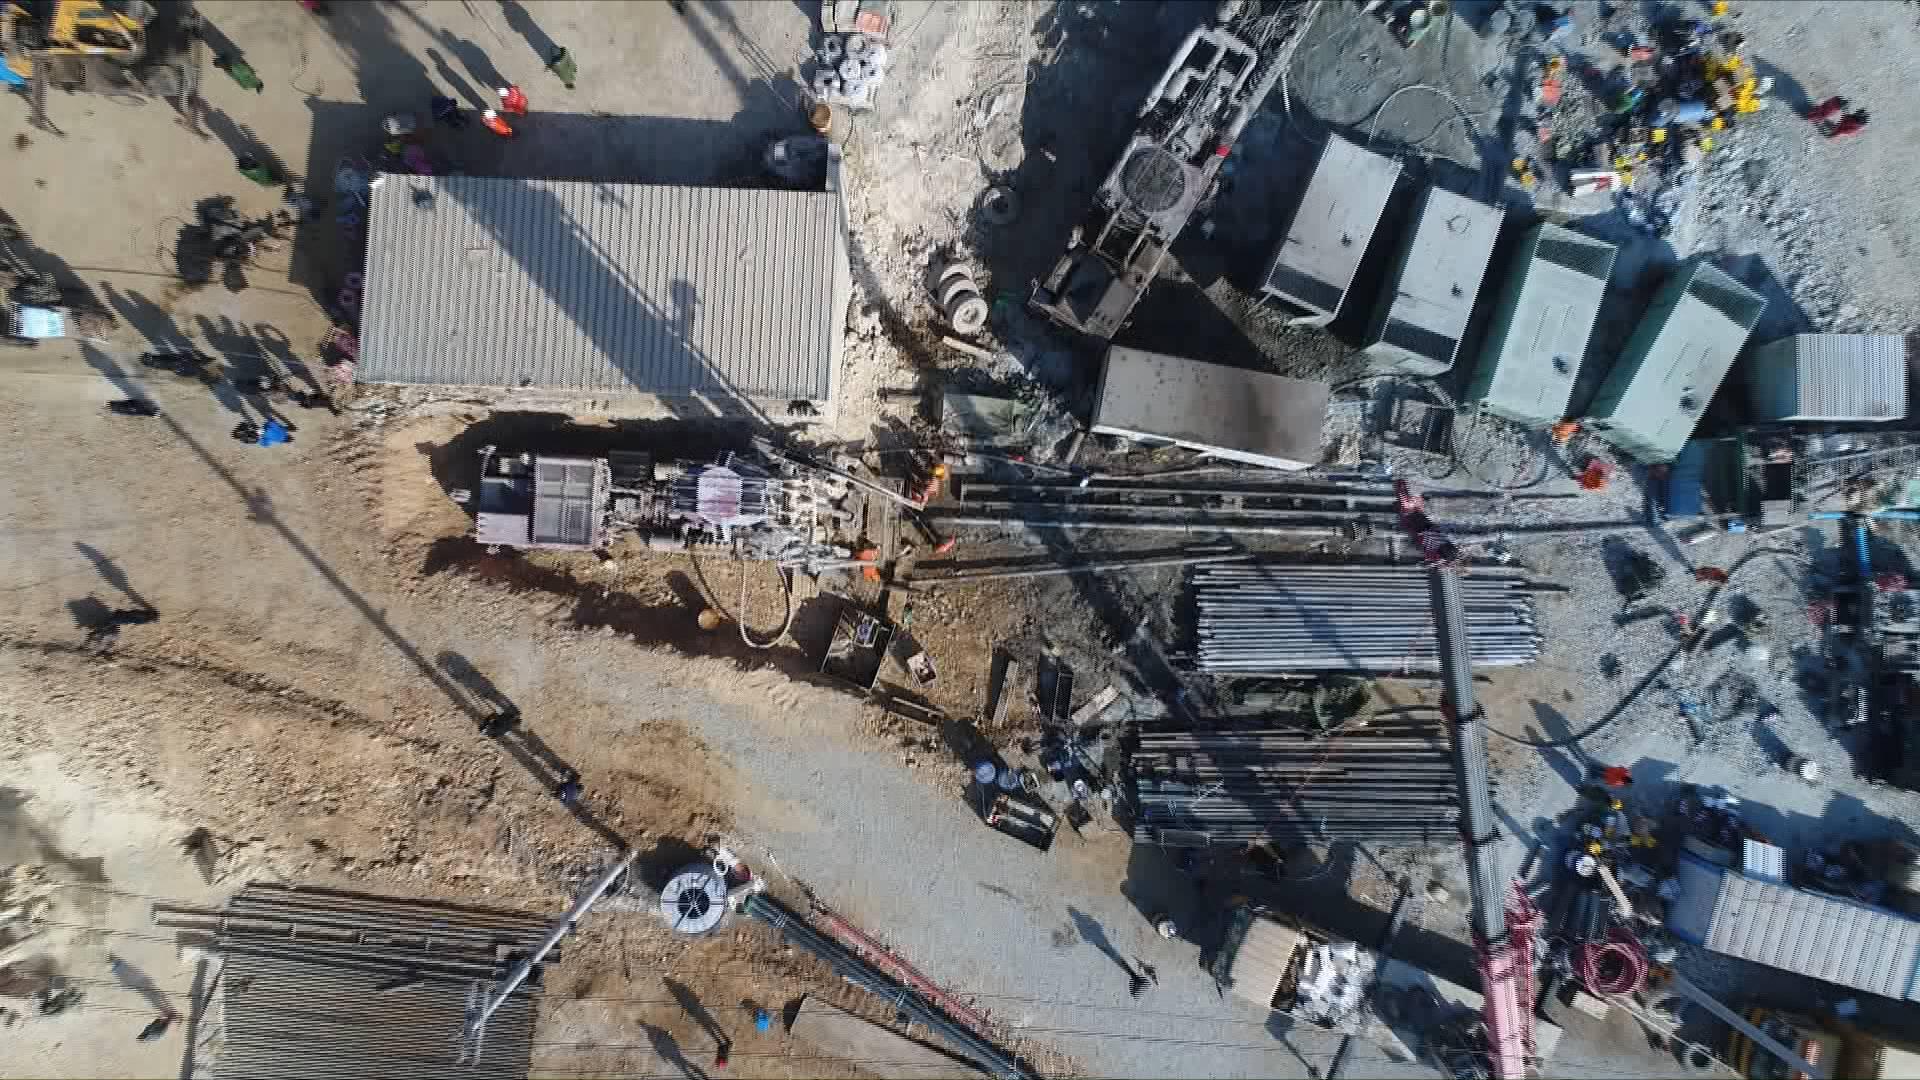 栖霞金矿事故救援现场最新进展:正在施工的9号钻孔将进行生命探测